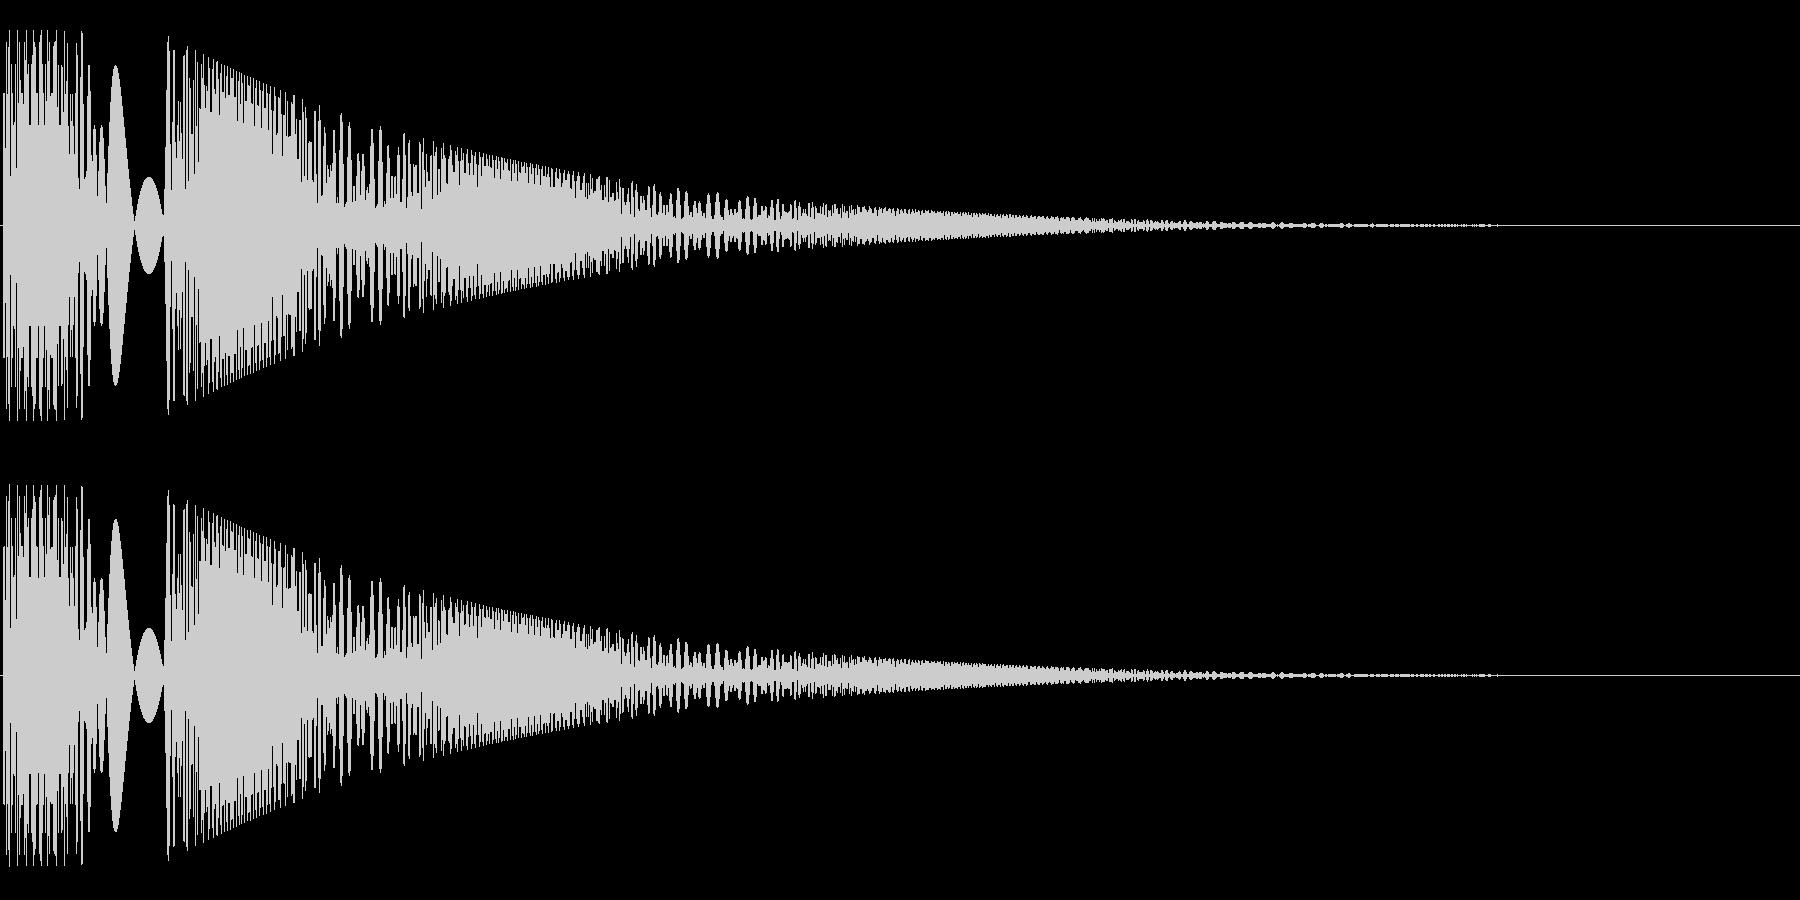 ボヨヨンと柔らかいものが揺れる01の未再生の波形